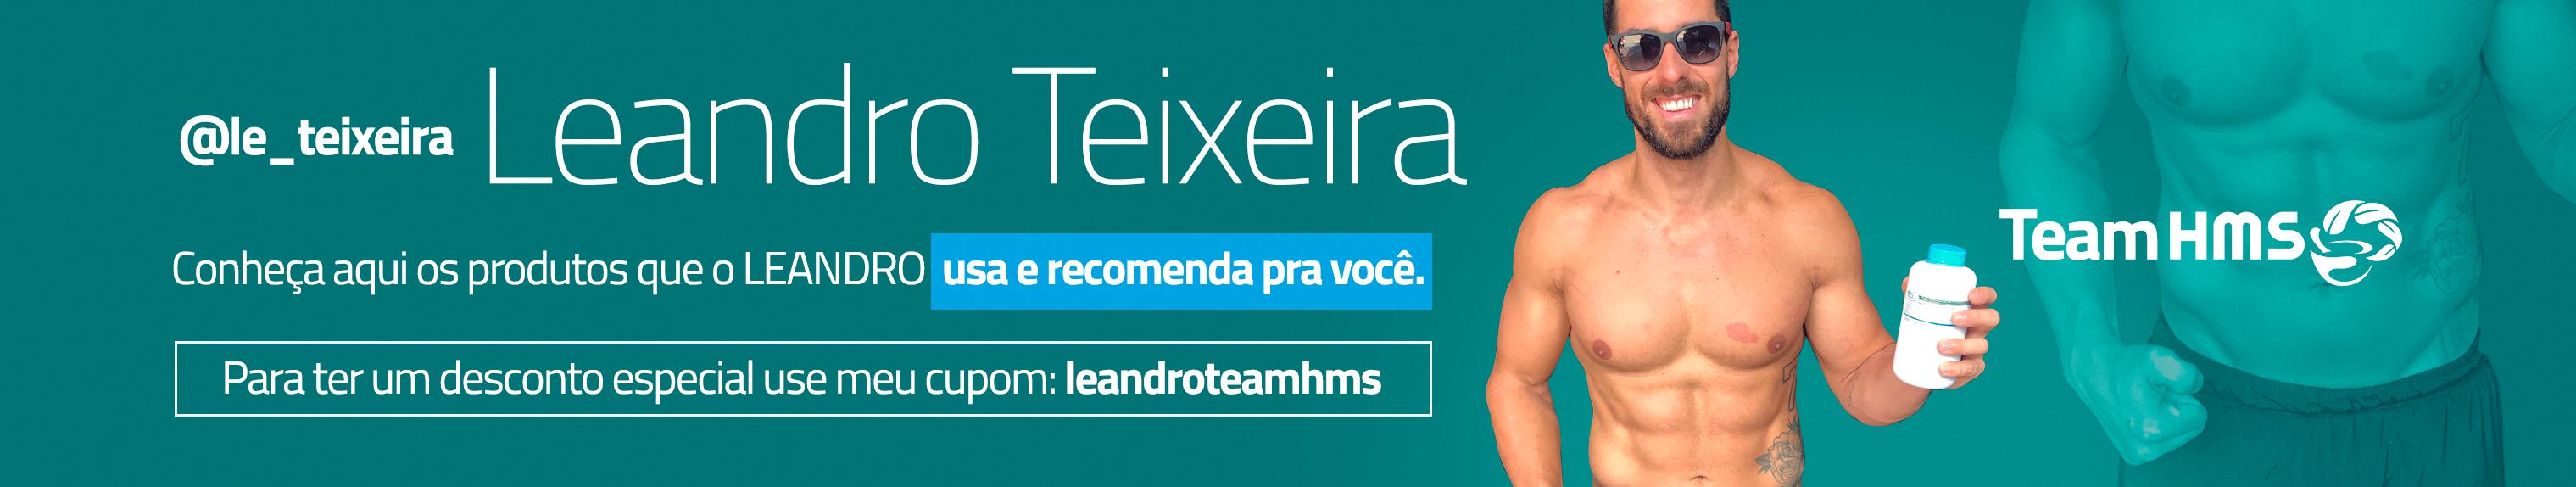 banner Leandro Teixeira